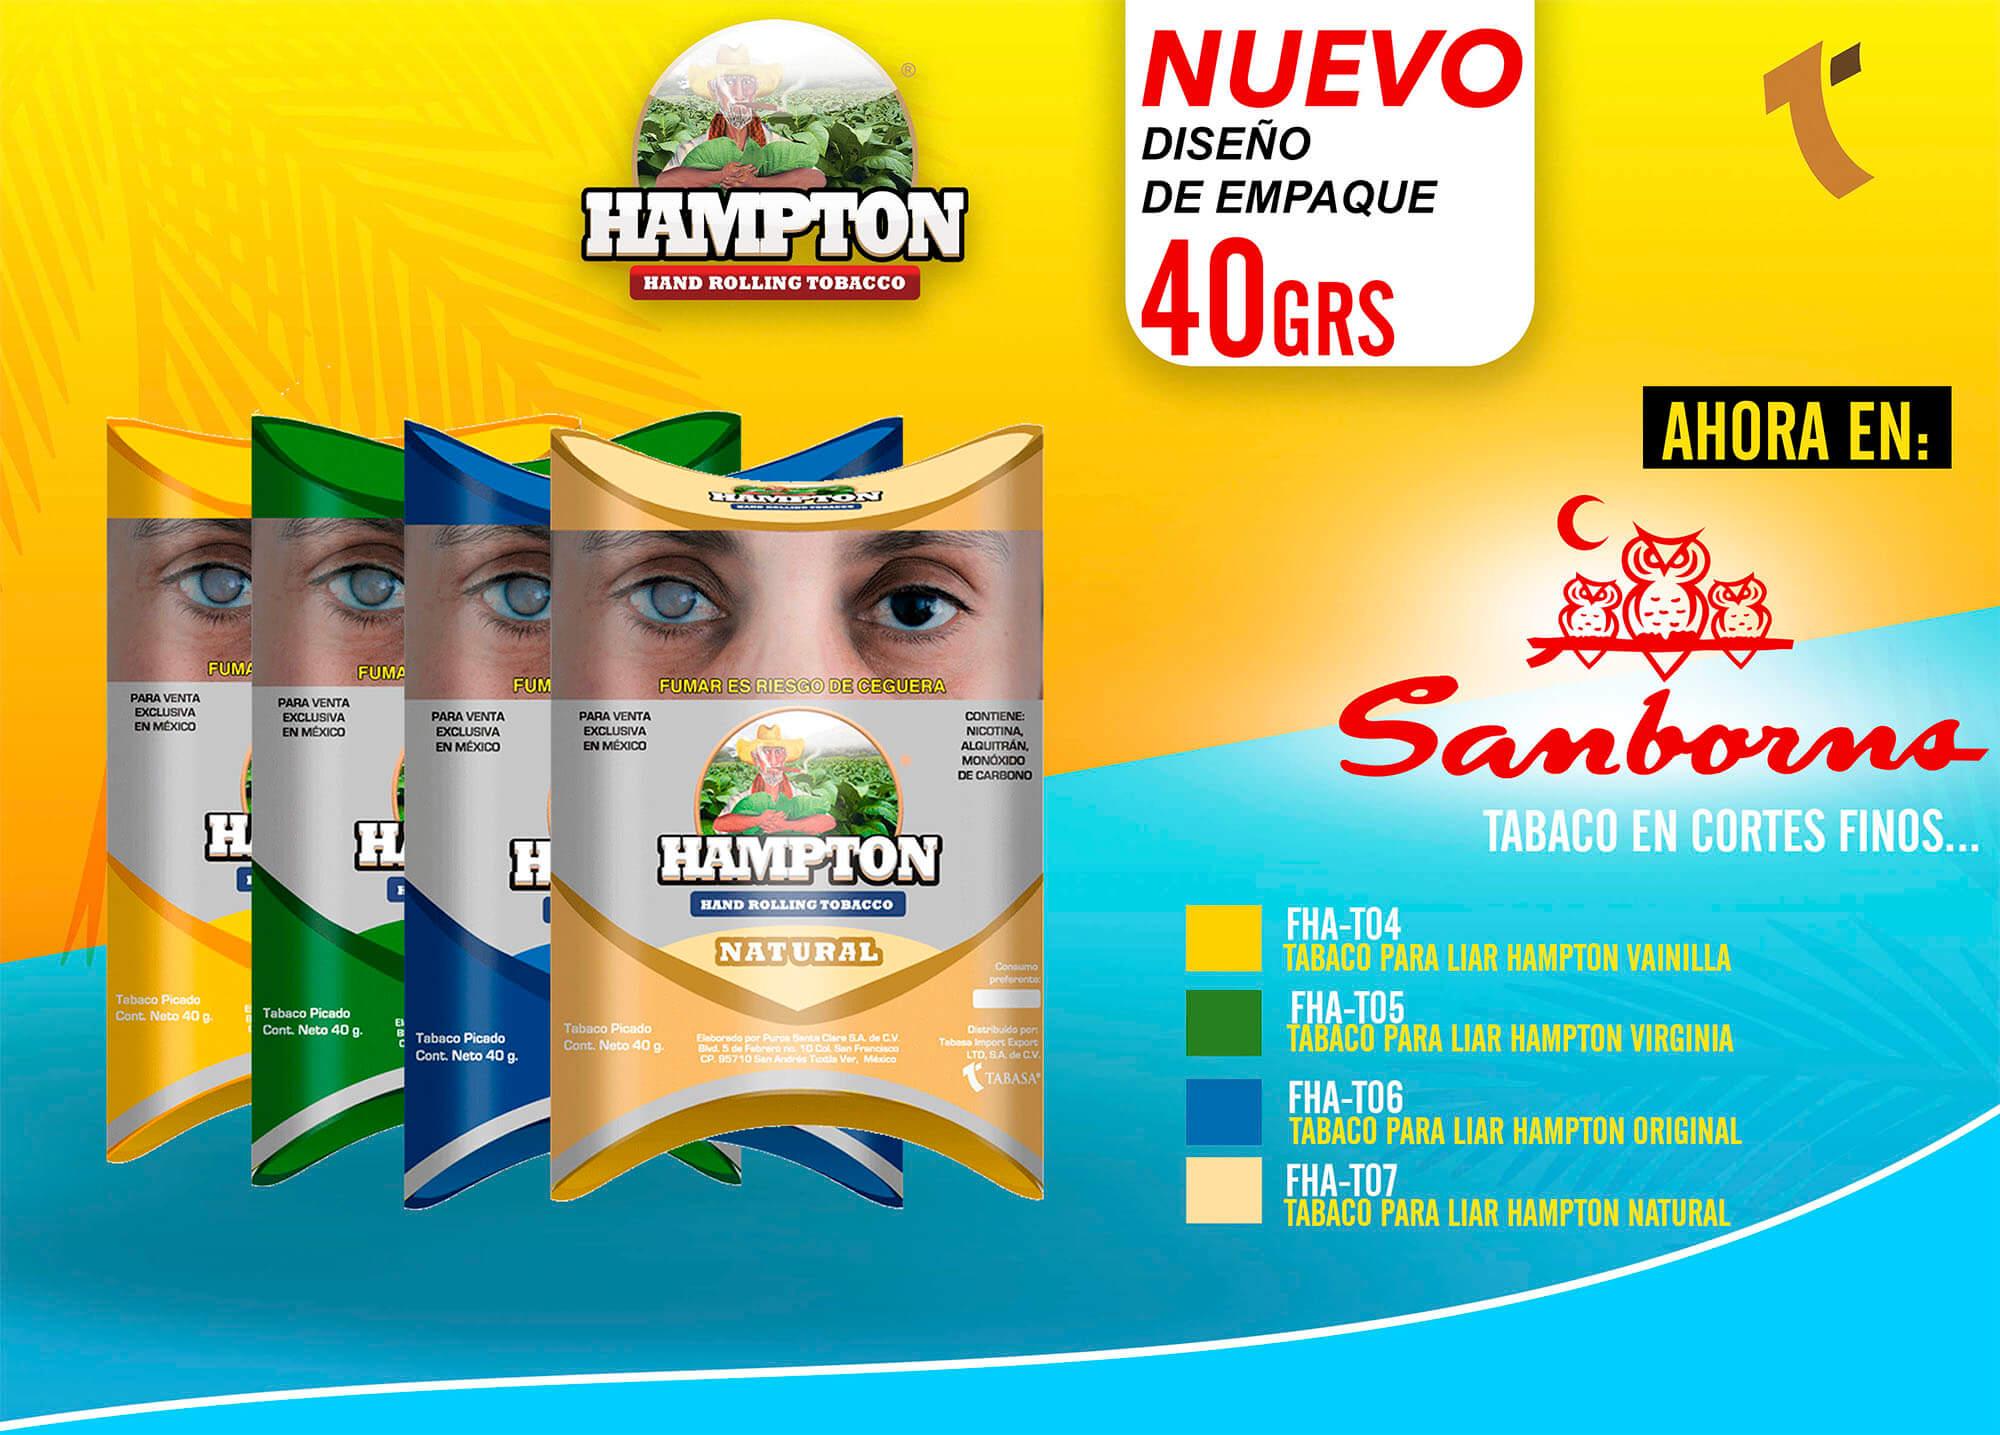 Nuevo Tabaco Hampton Disponible a la Venta en Sanborns